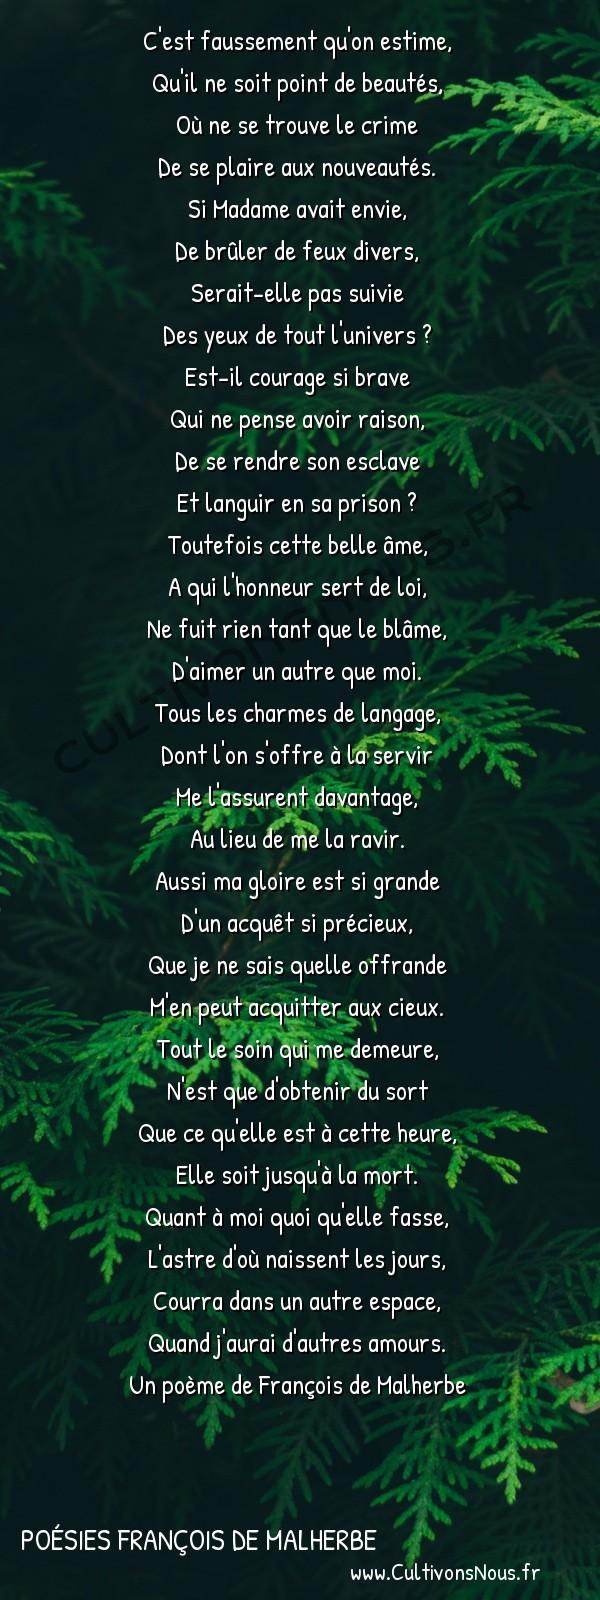 Poésies François de Malherbe - Poèmes - Plainte -  C'est faussement qu'on estime, Qu'il ne soit point de beautés,